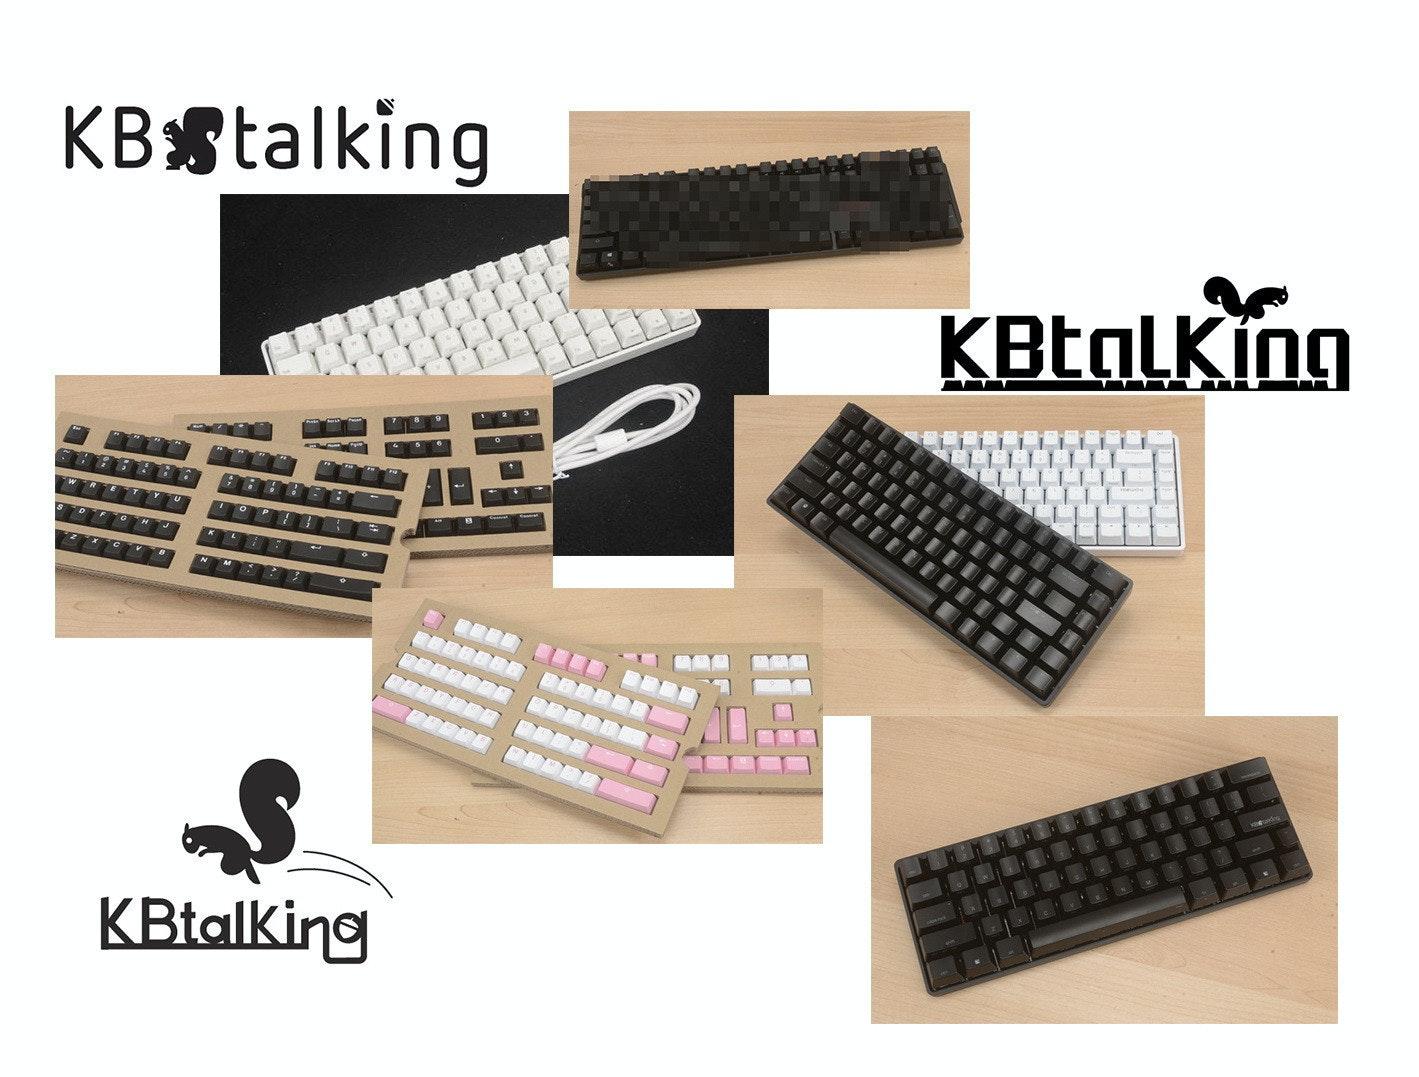 是KBtalKing 2014鍵談坊的發想規劃以及所要實行的事情:品牌識別、復刻以及新一代鍵盤的誕生這篇文章的首圖